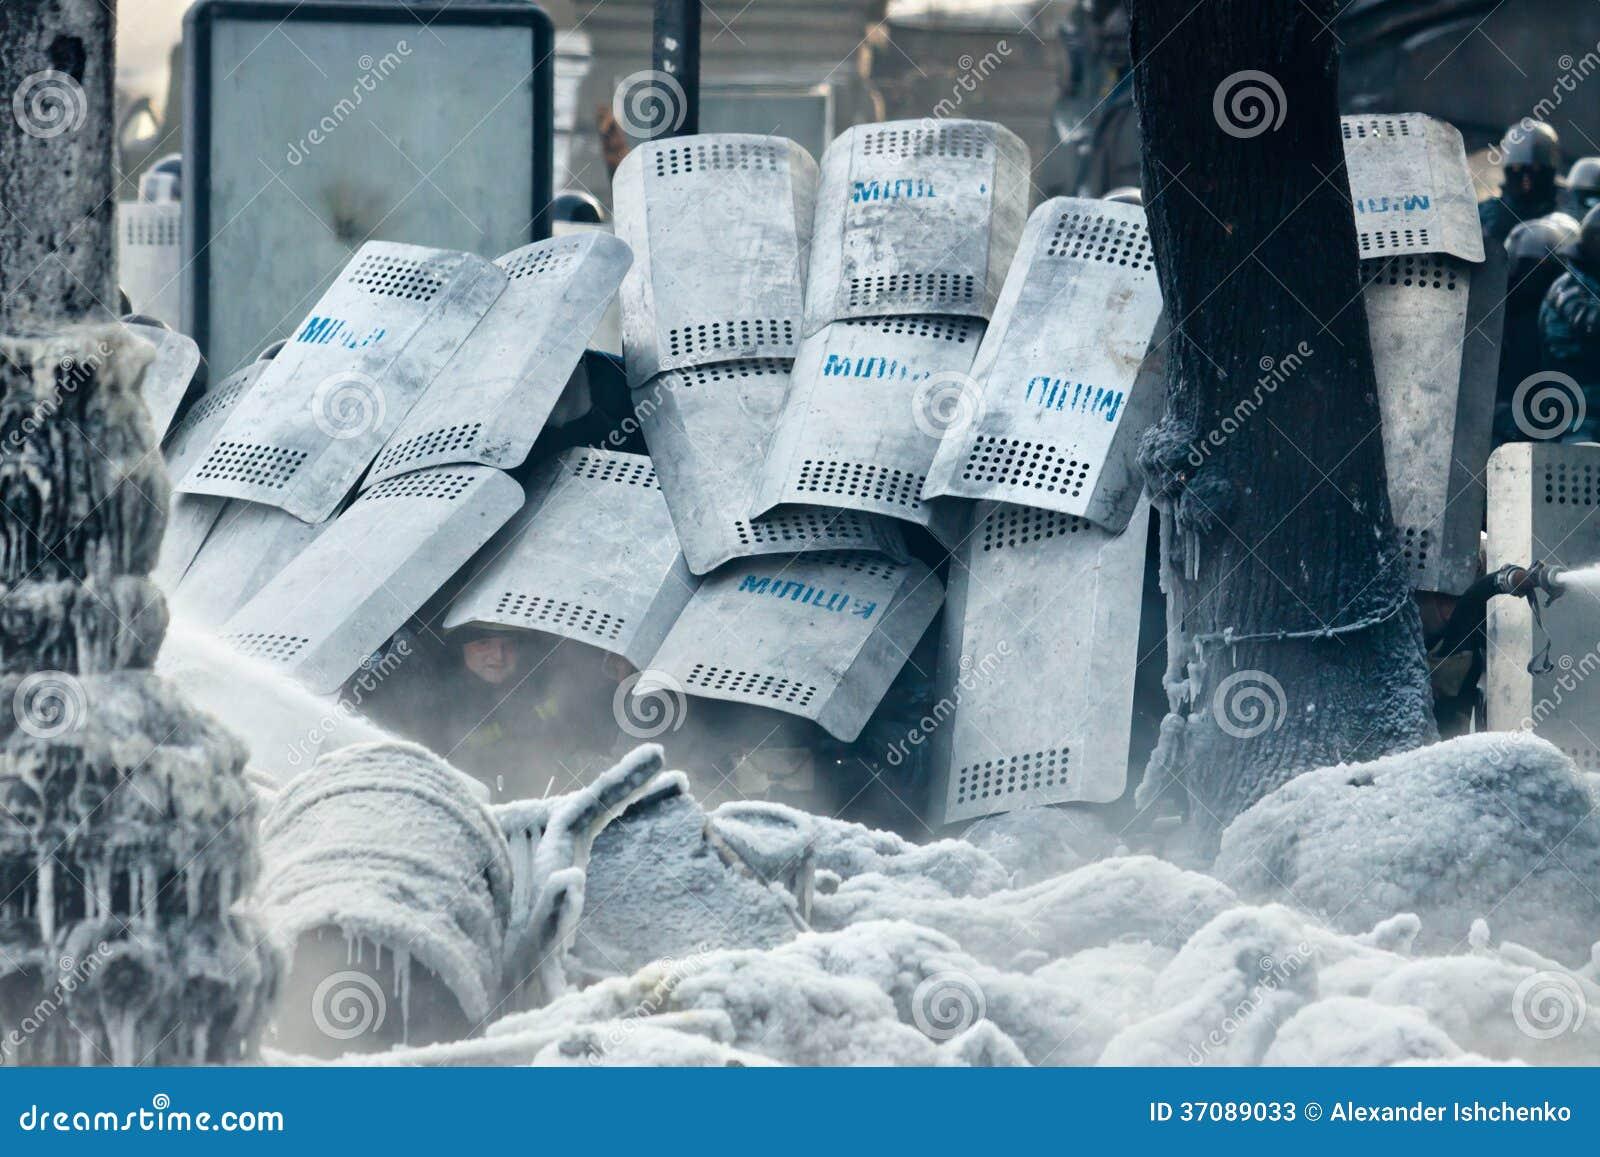 Download Rewolucja w Ukraina. zdjęcie stock editorial. Obraz złożonej z skojarzenie - 37089033